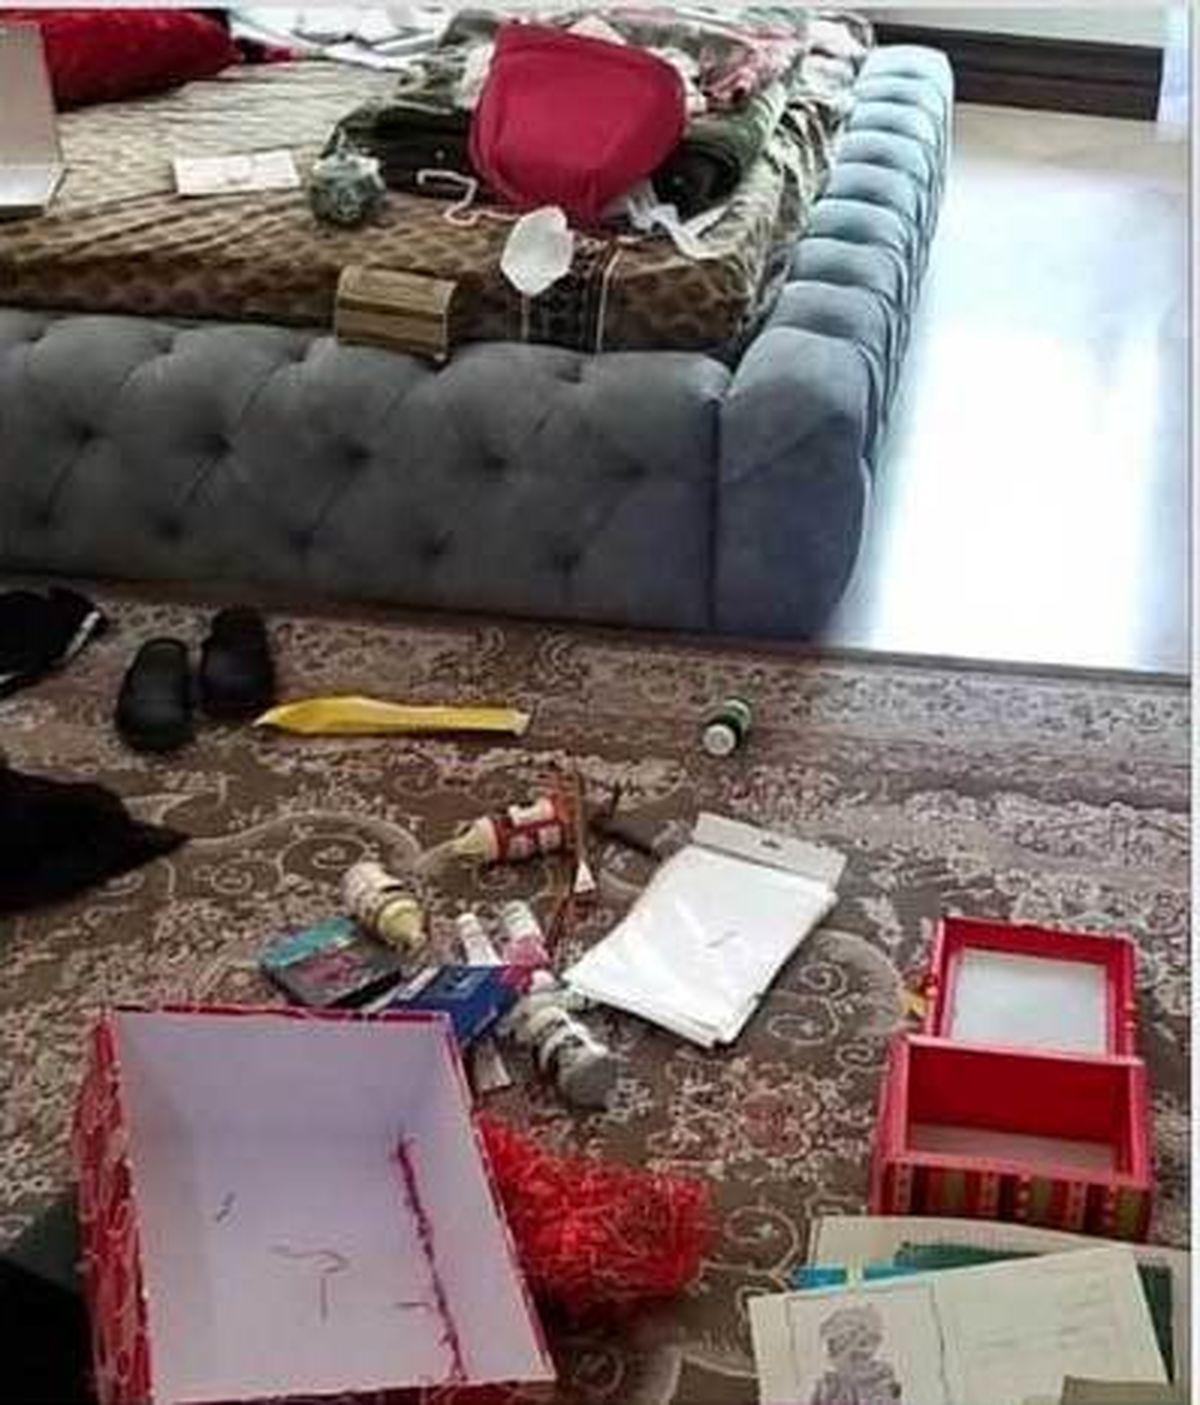 دزدی از خانه بازیگر زن سریال گاندو +عکس